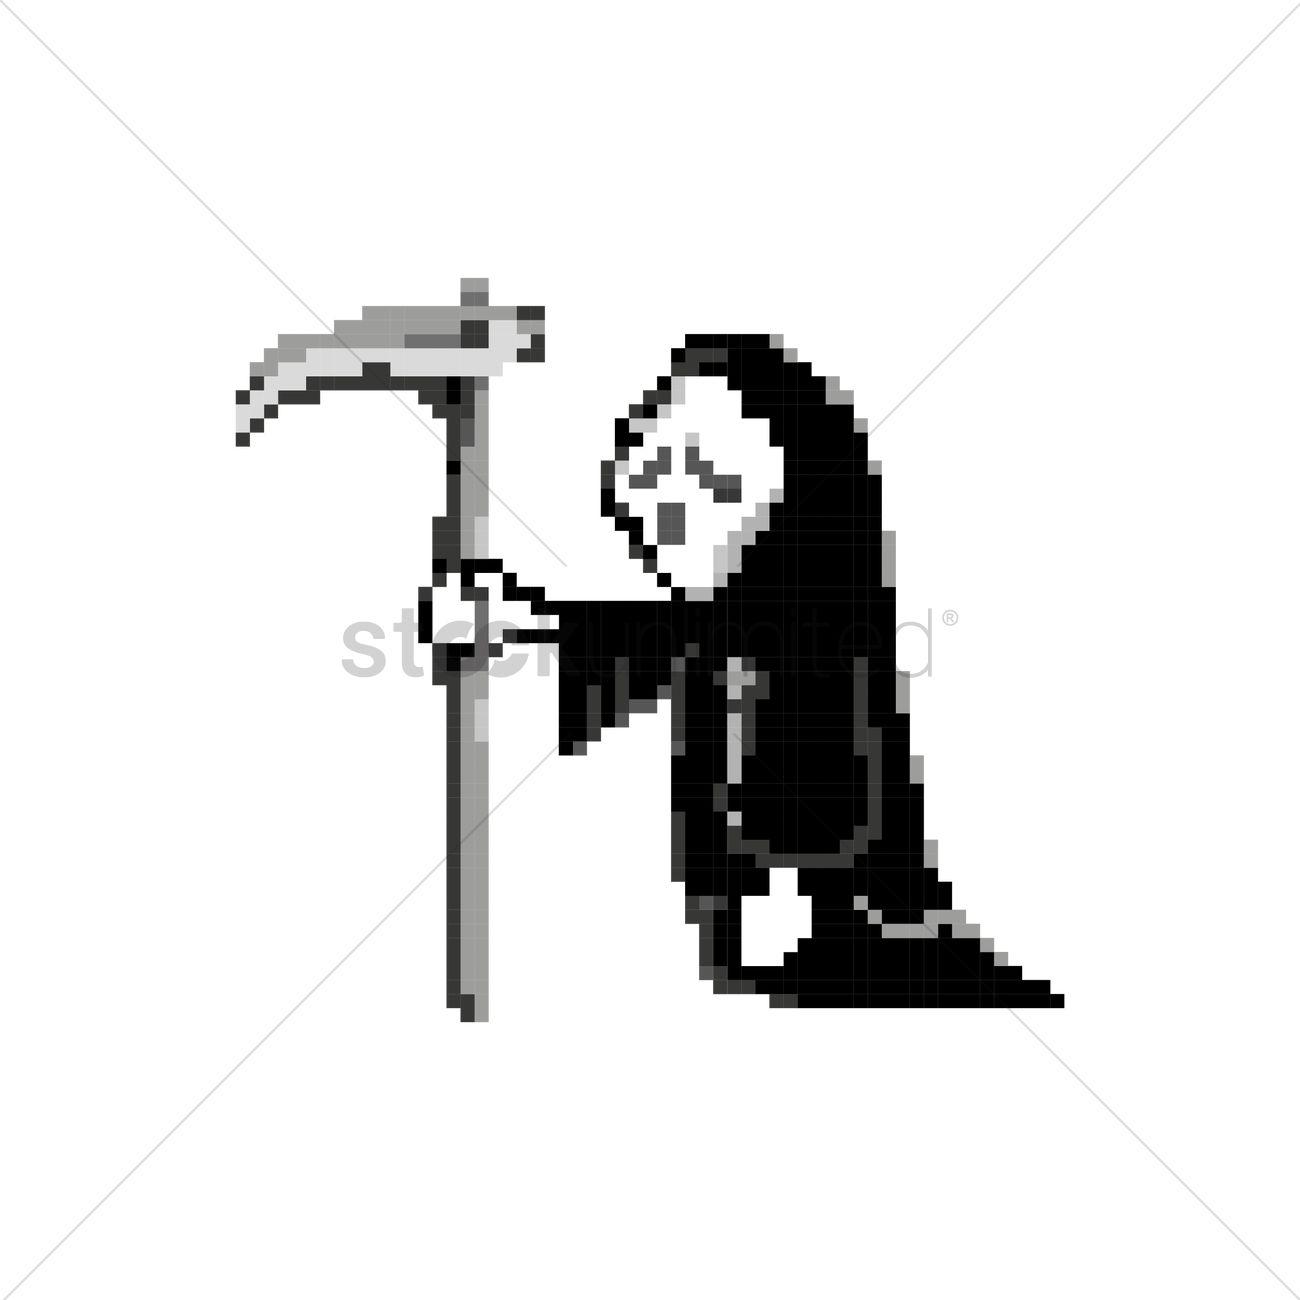 1300x1300 Pixel Art Grim Reaper Vector Image